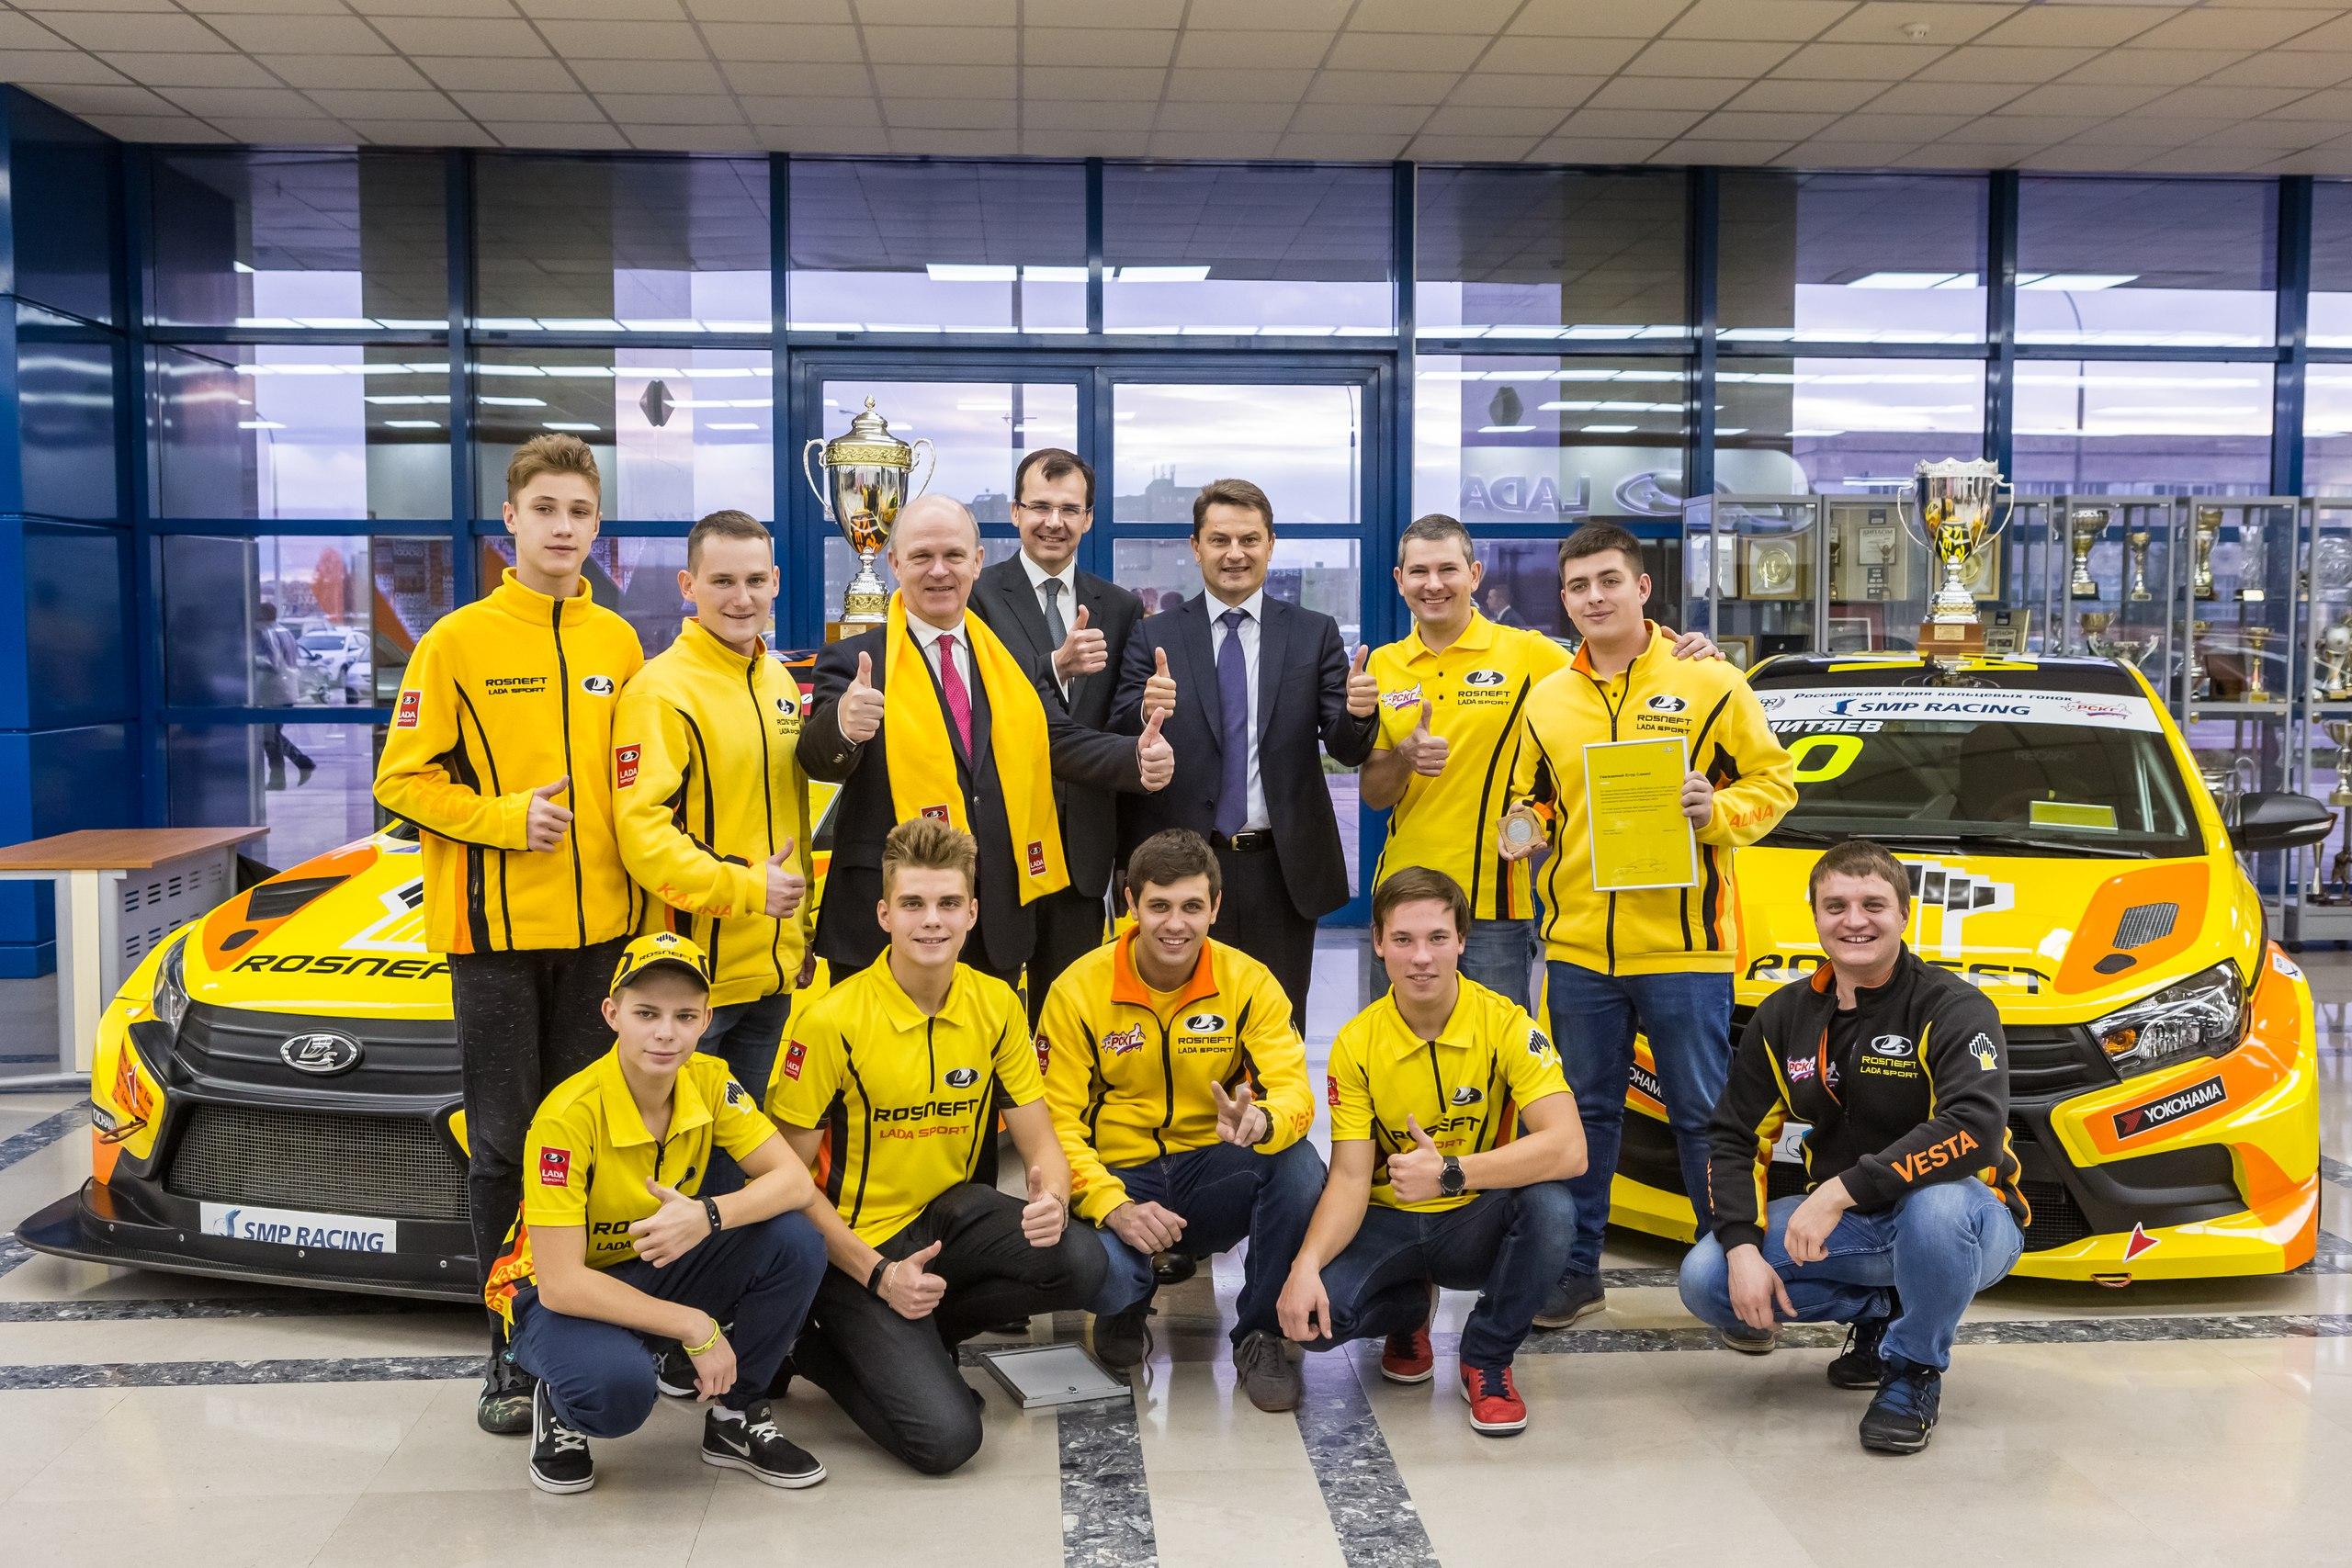 Пилоты команды LADA Sport ROSNEFT получили награды из рук президента компании, Николя Мора.